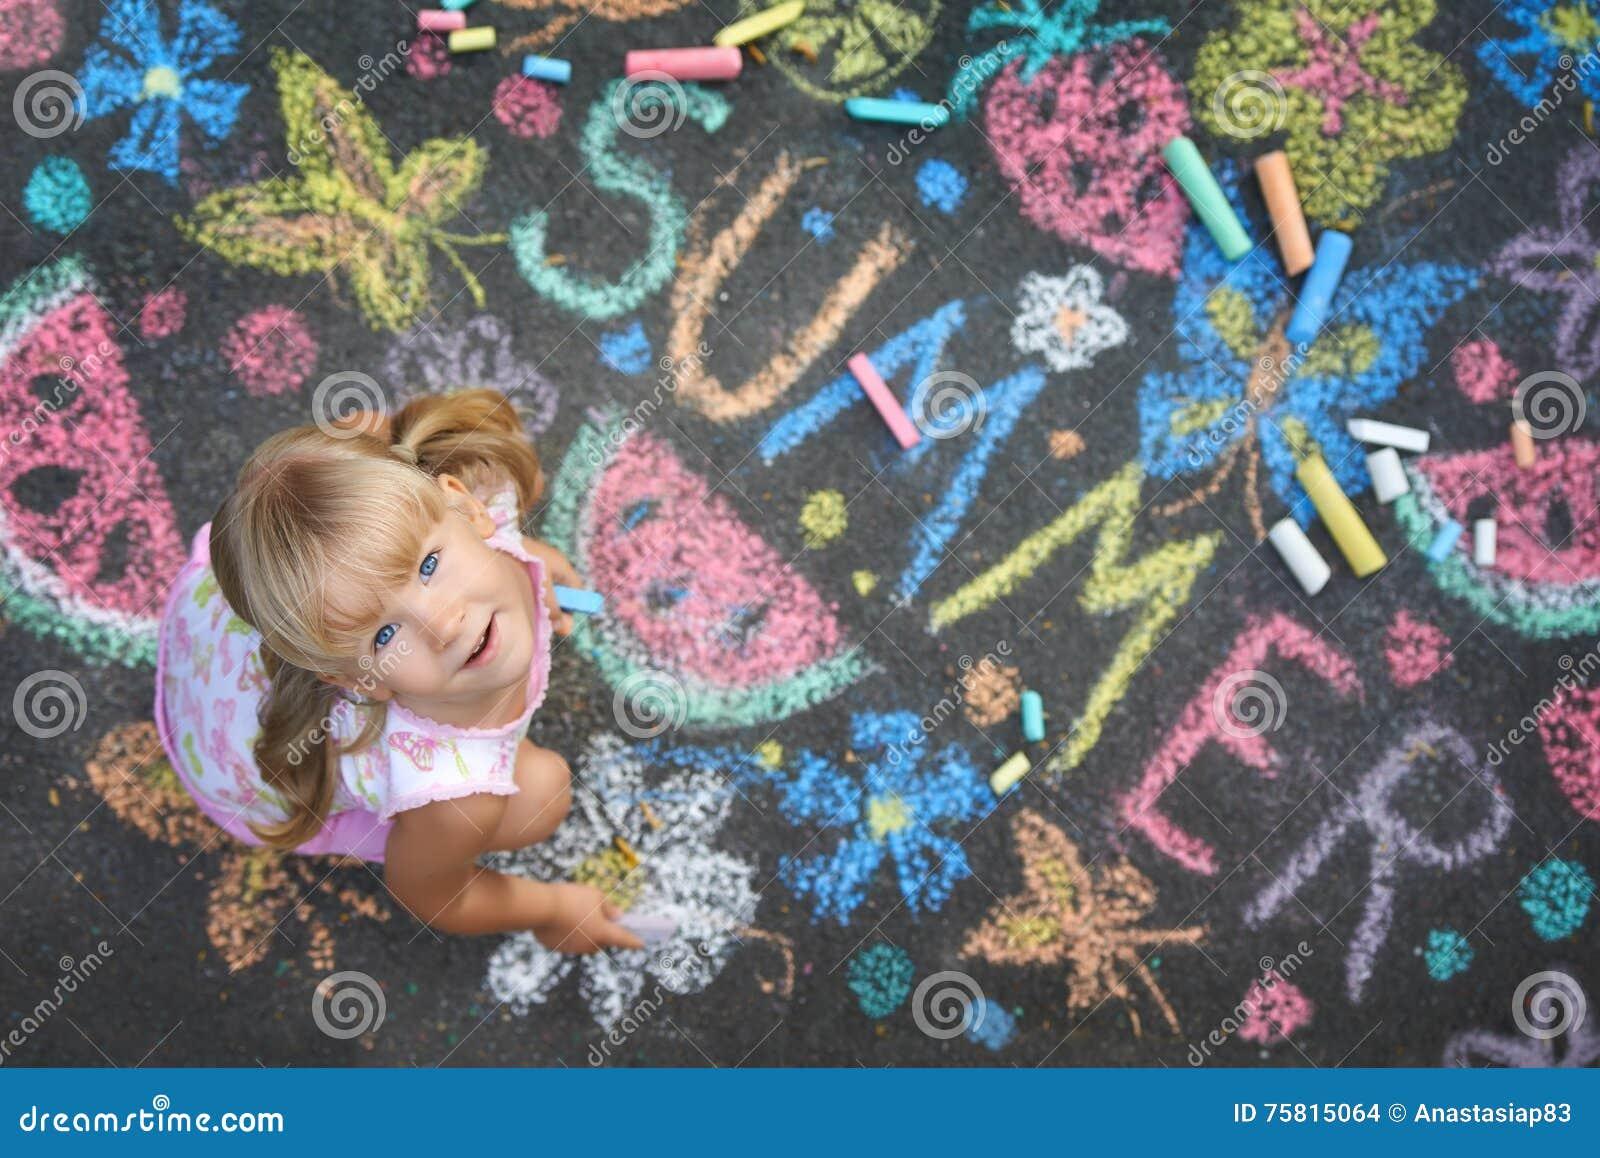 Дух лета чертежа ребенка на асфальте